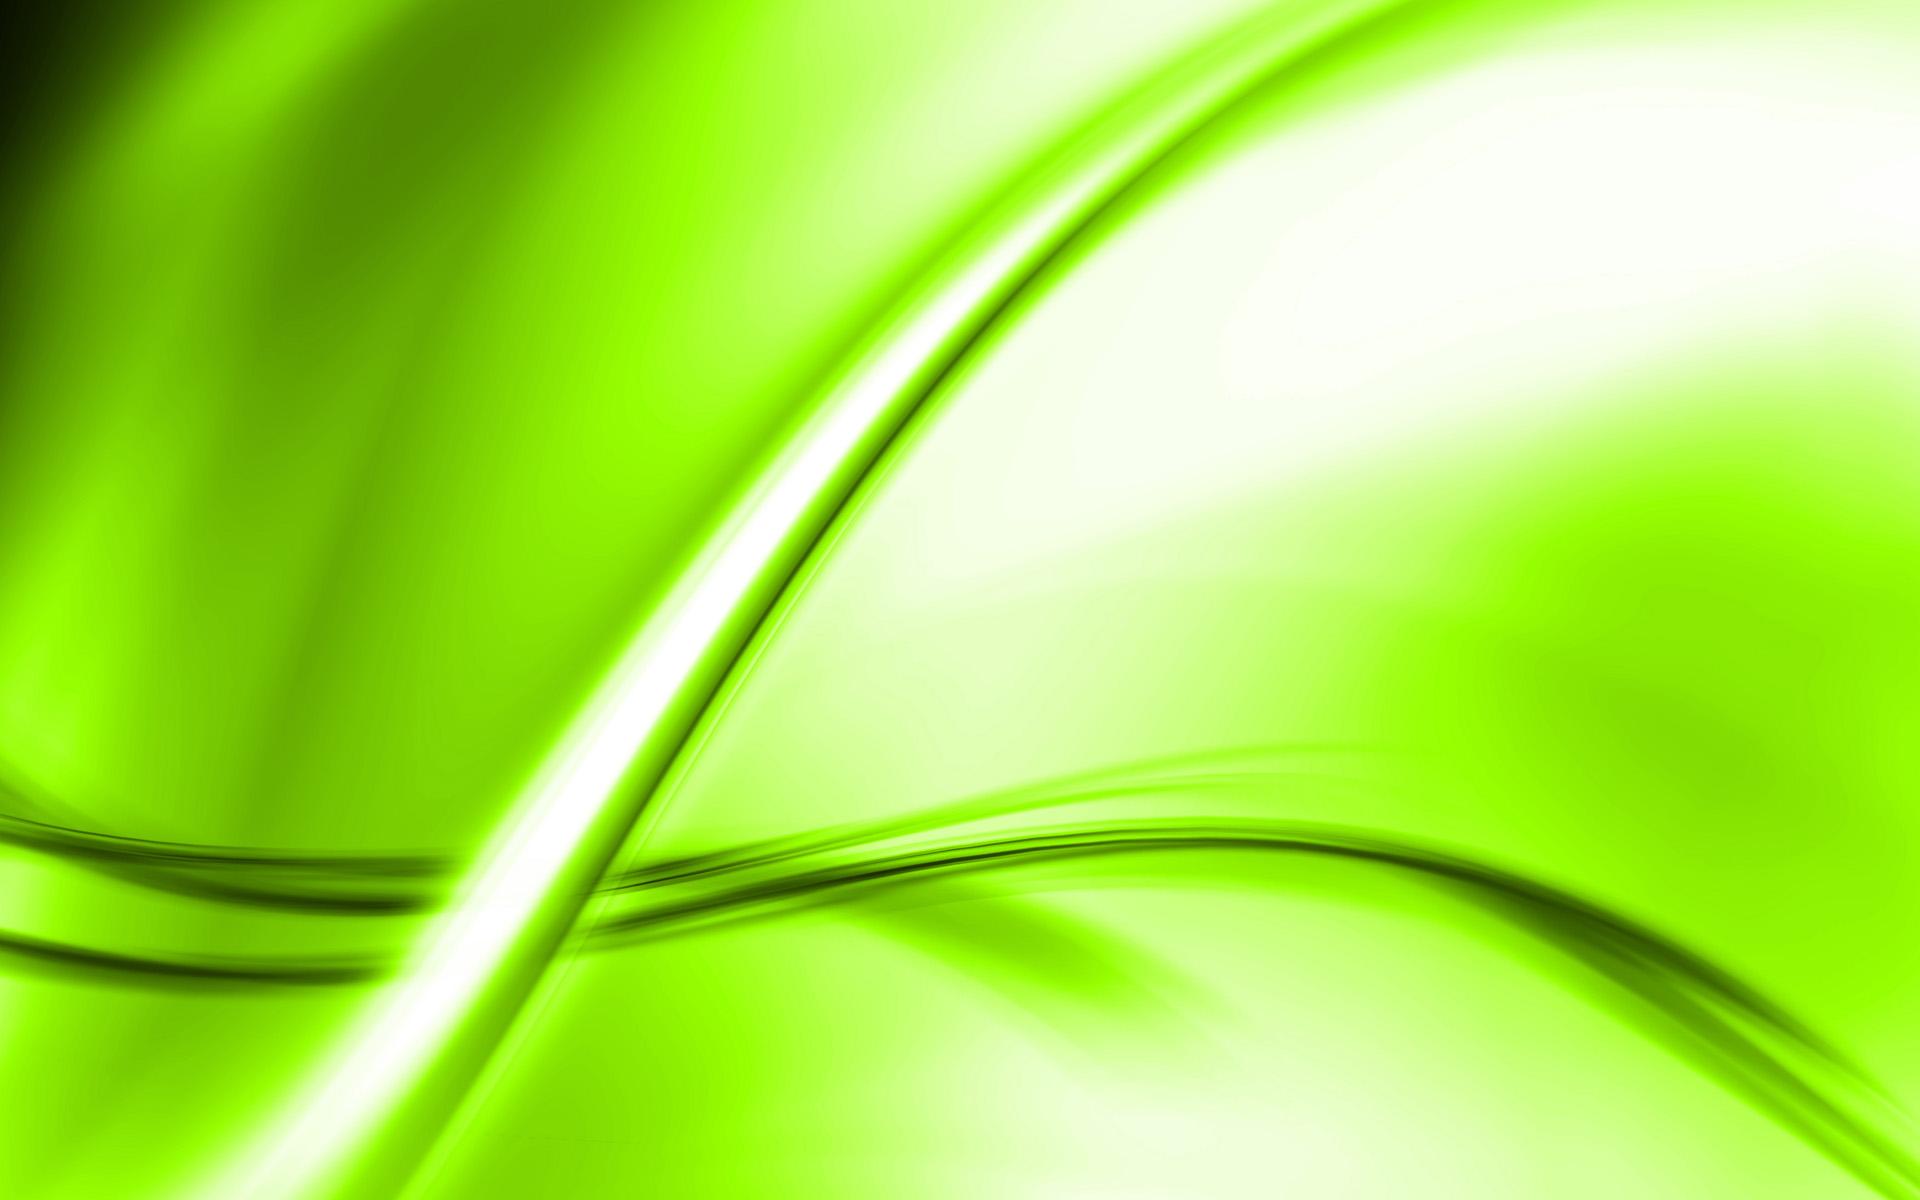 Light Green Wallpaper 1920x1200 45206